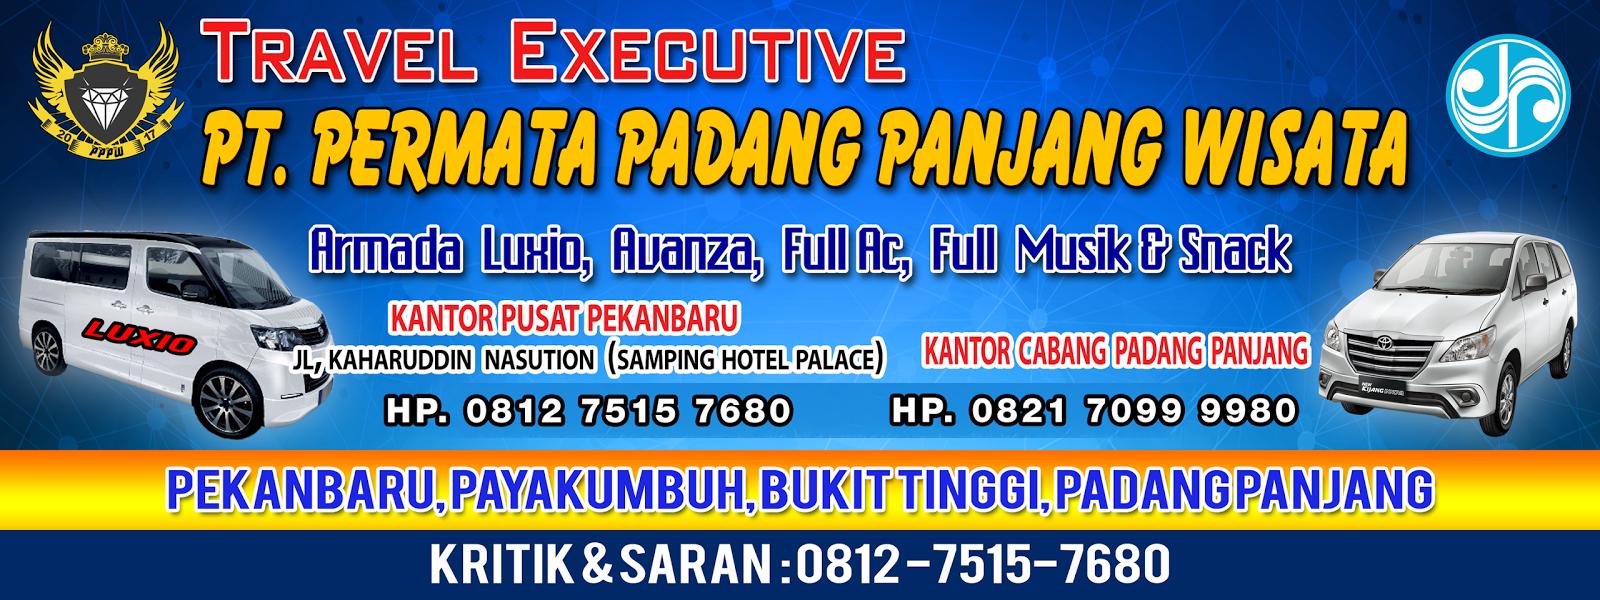 travel pekanbaru ke payakumbuh bukit tinggi padang panjang pt rh huhumales blogspot com alamat travel ratu intan di pekanbaru alamat travel ratu intan pekanbaru